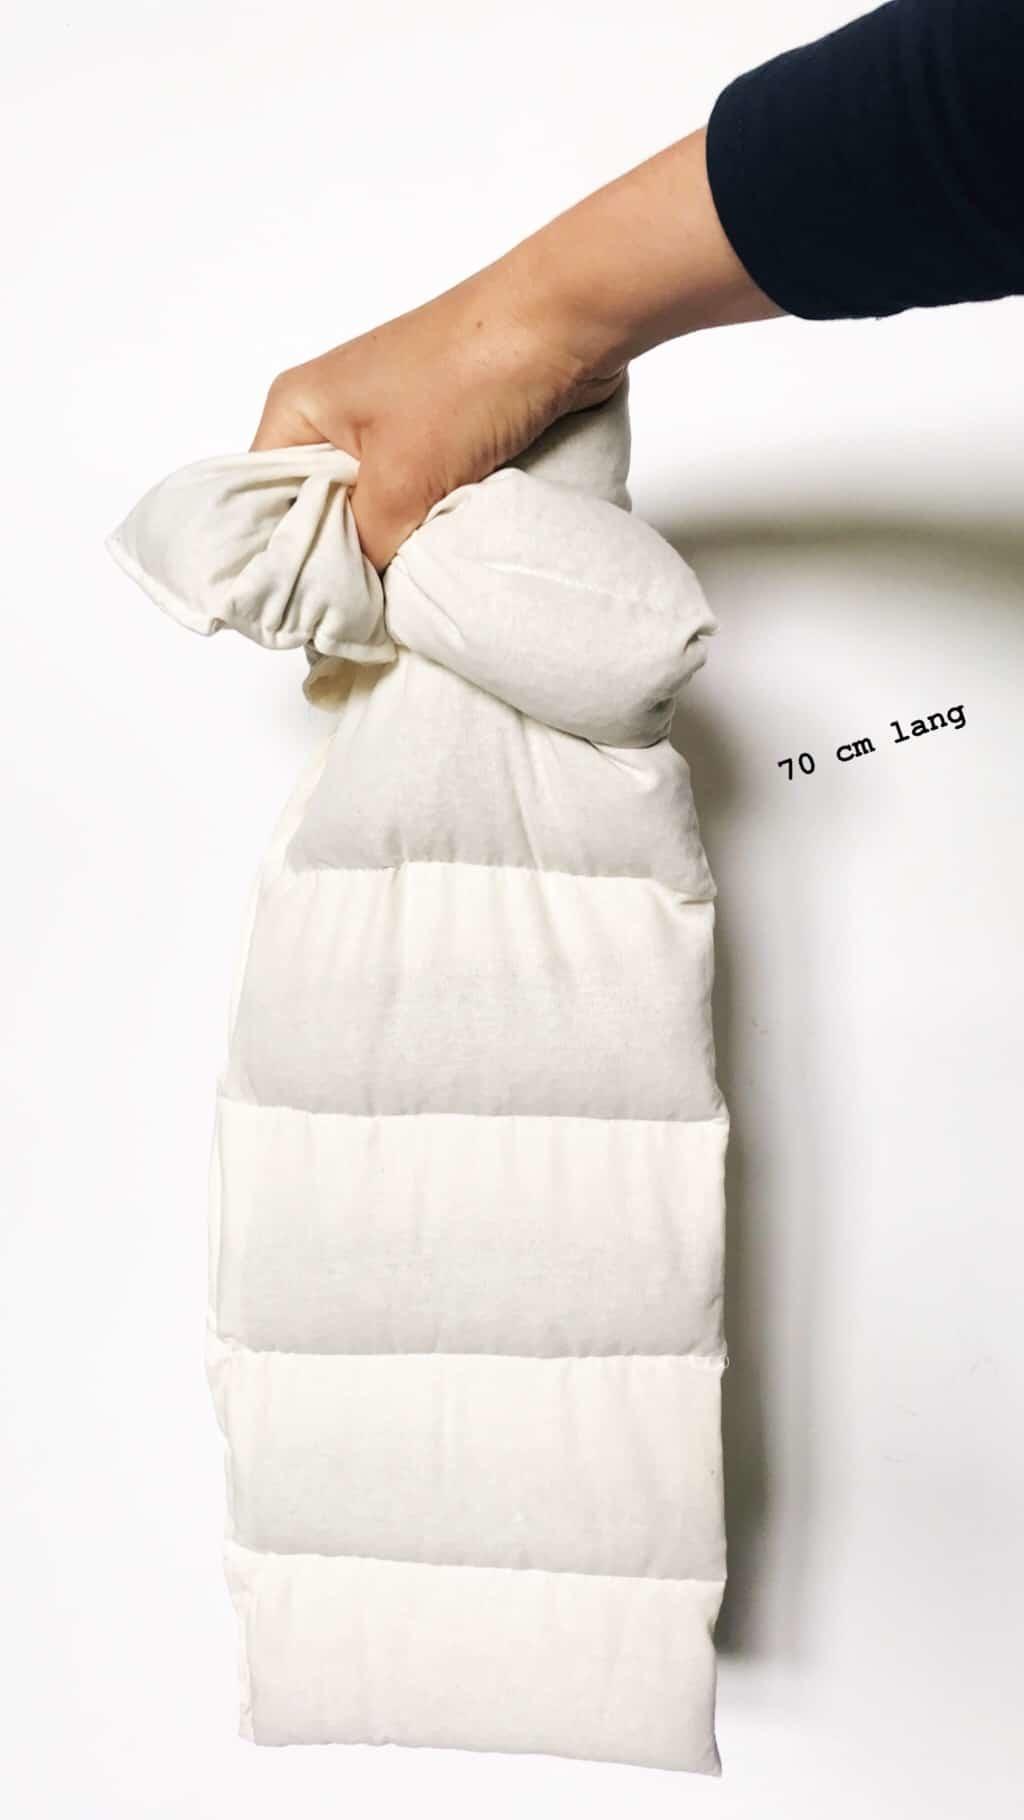 Janneke's warmtesjaal Janneke's Warmtesjaal 70 x 20 cm - lijnzaad donkergrijs